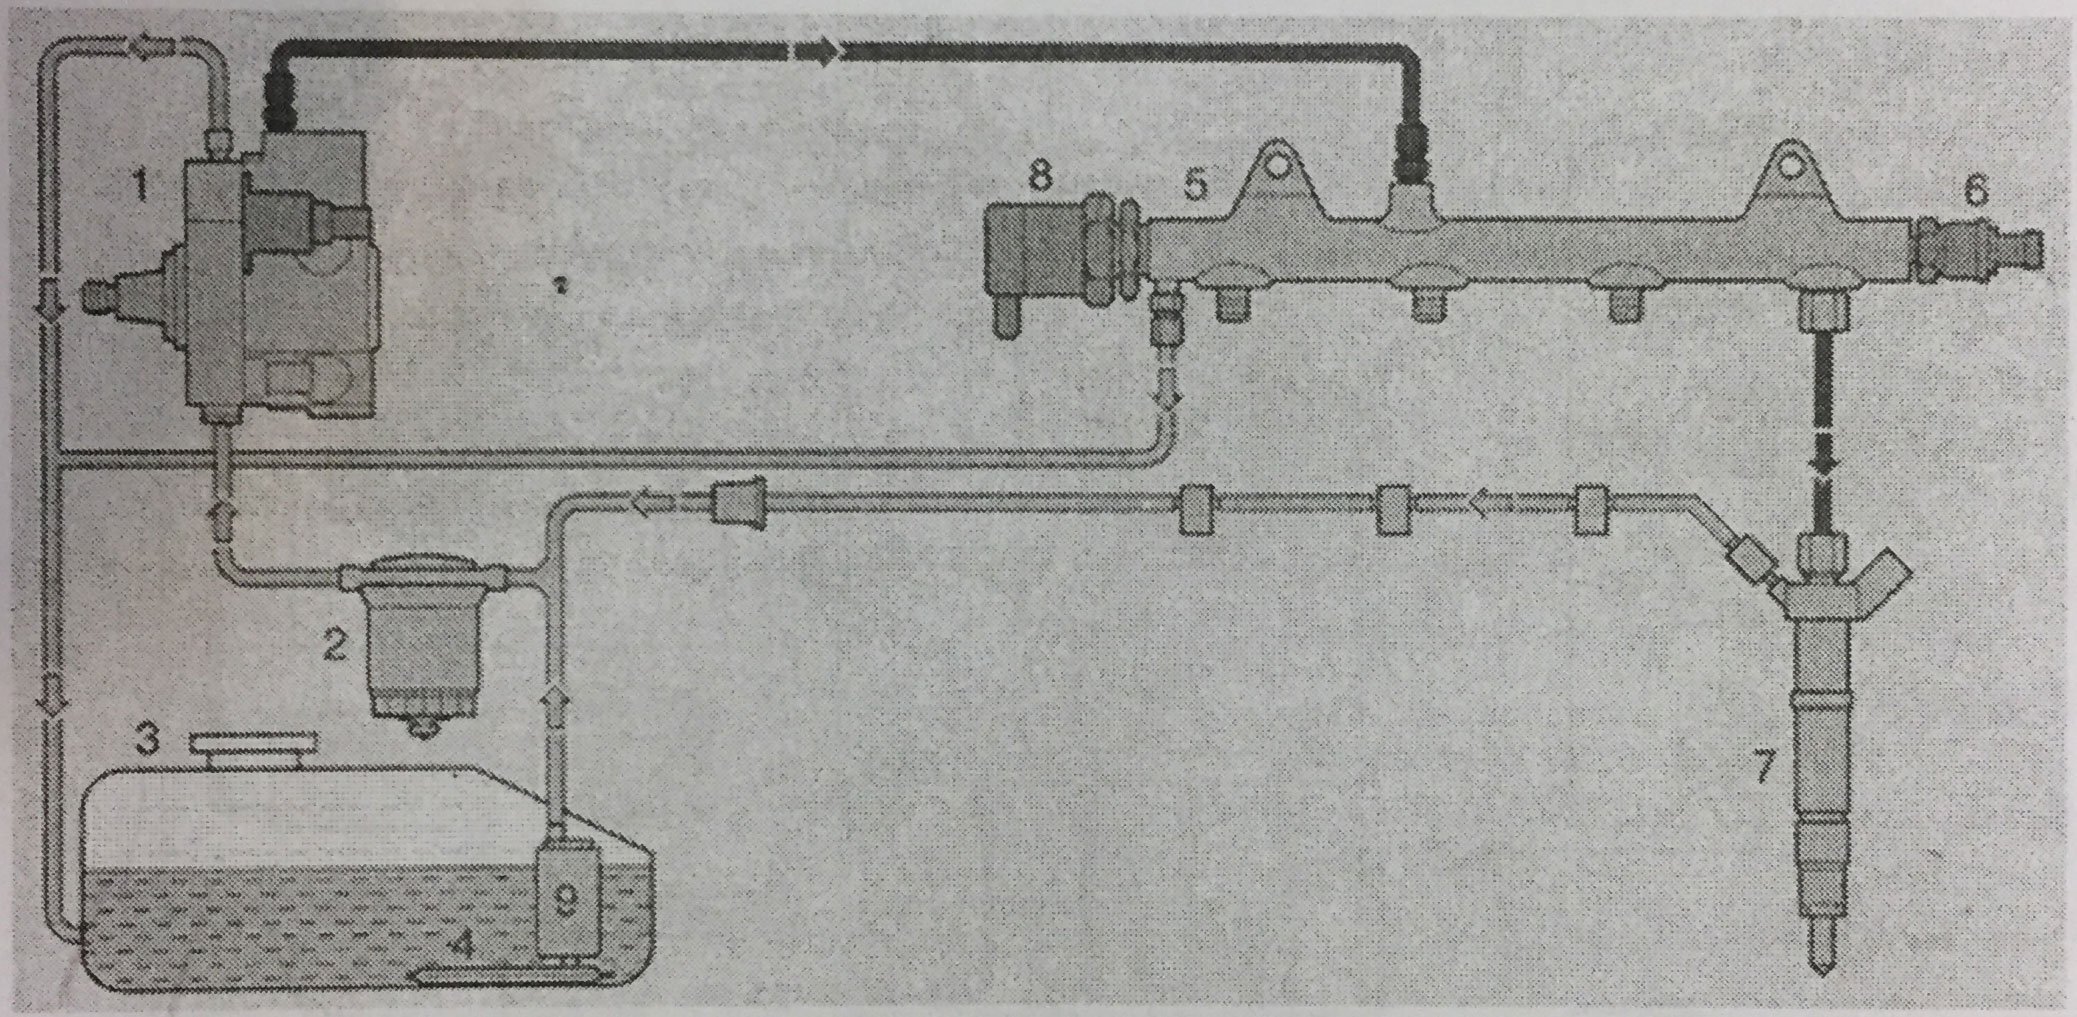 سیستم سوخت رسانی موتور دیزل